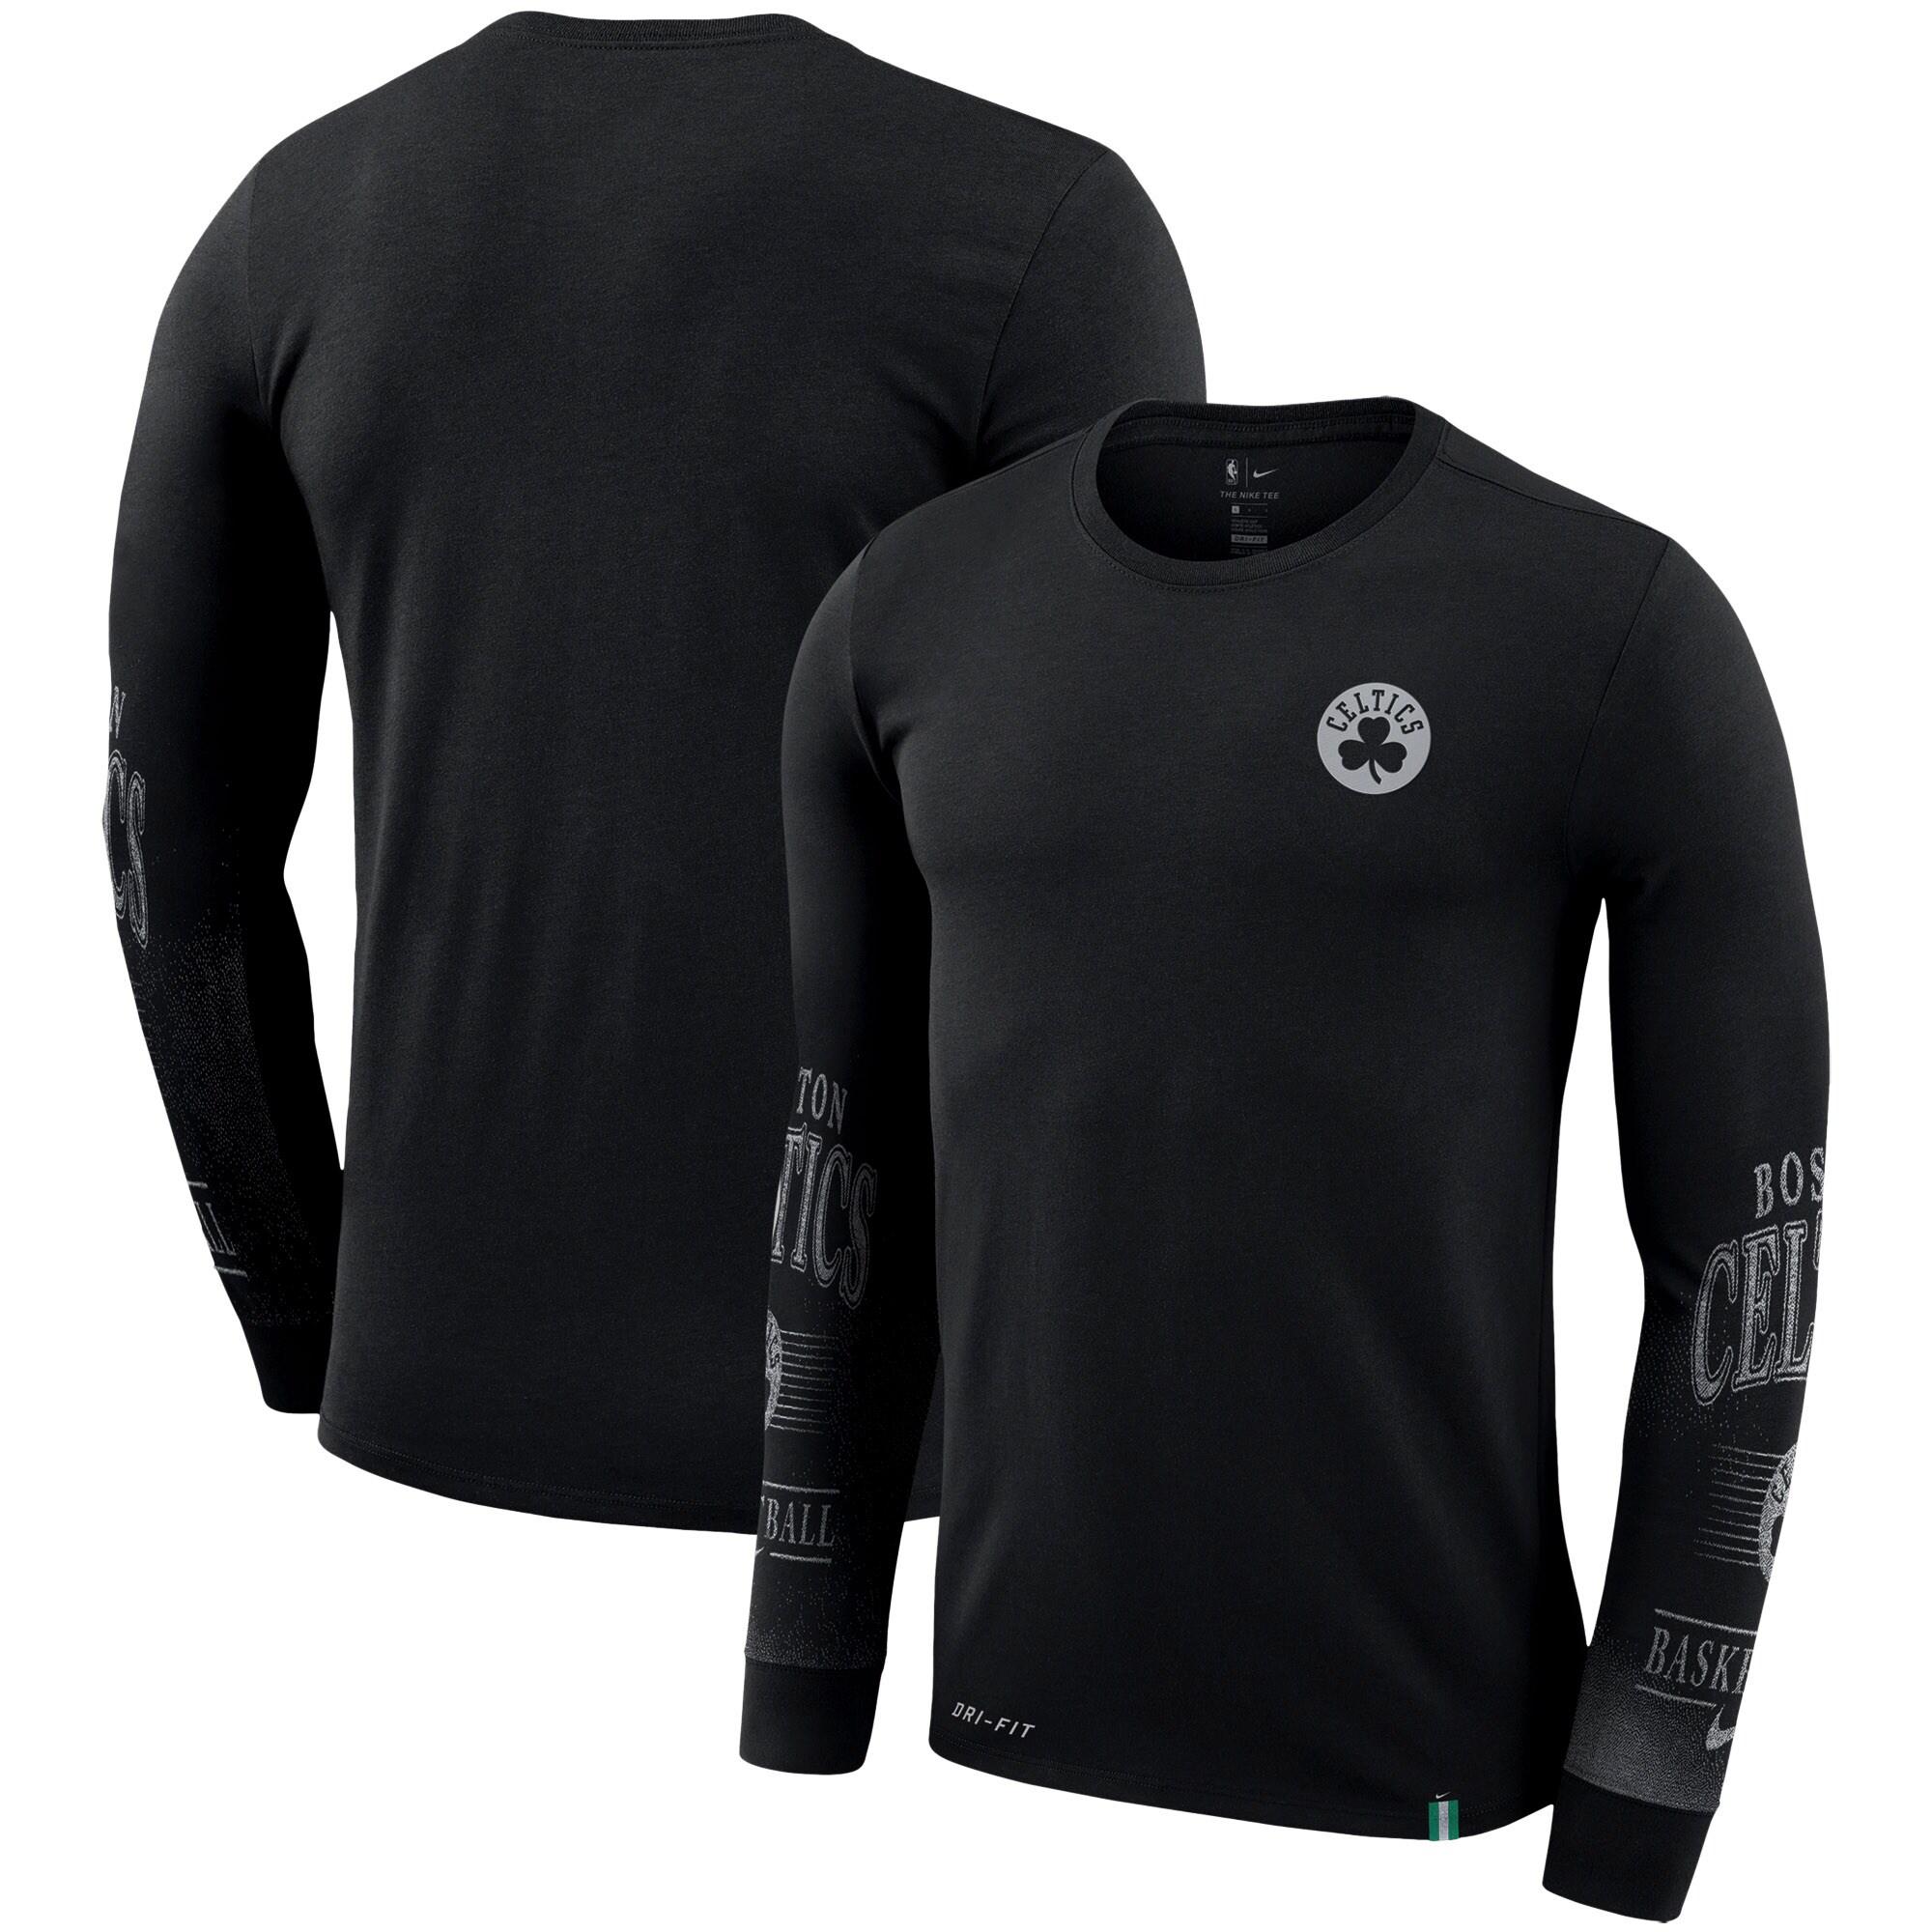 Boston Celtics Nike Elevated Mezzo Pixel Performance Long Sleeve T-Shirt - Black